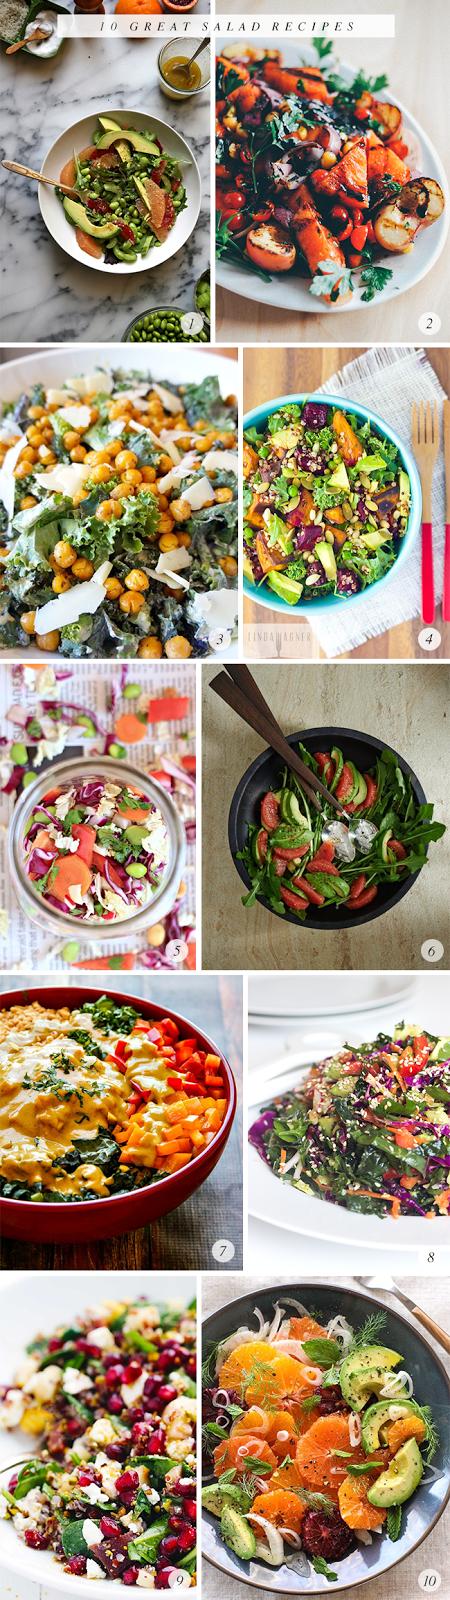 10 Great Salad Recipes